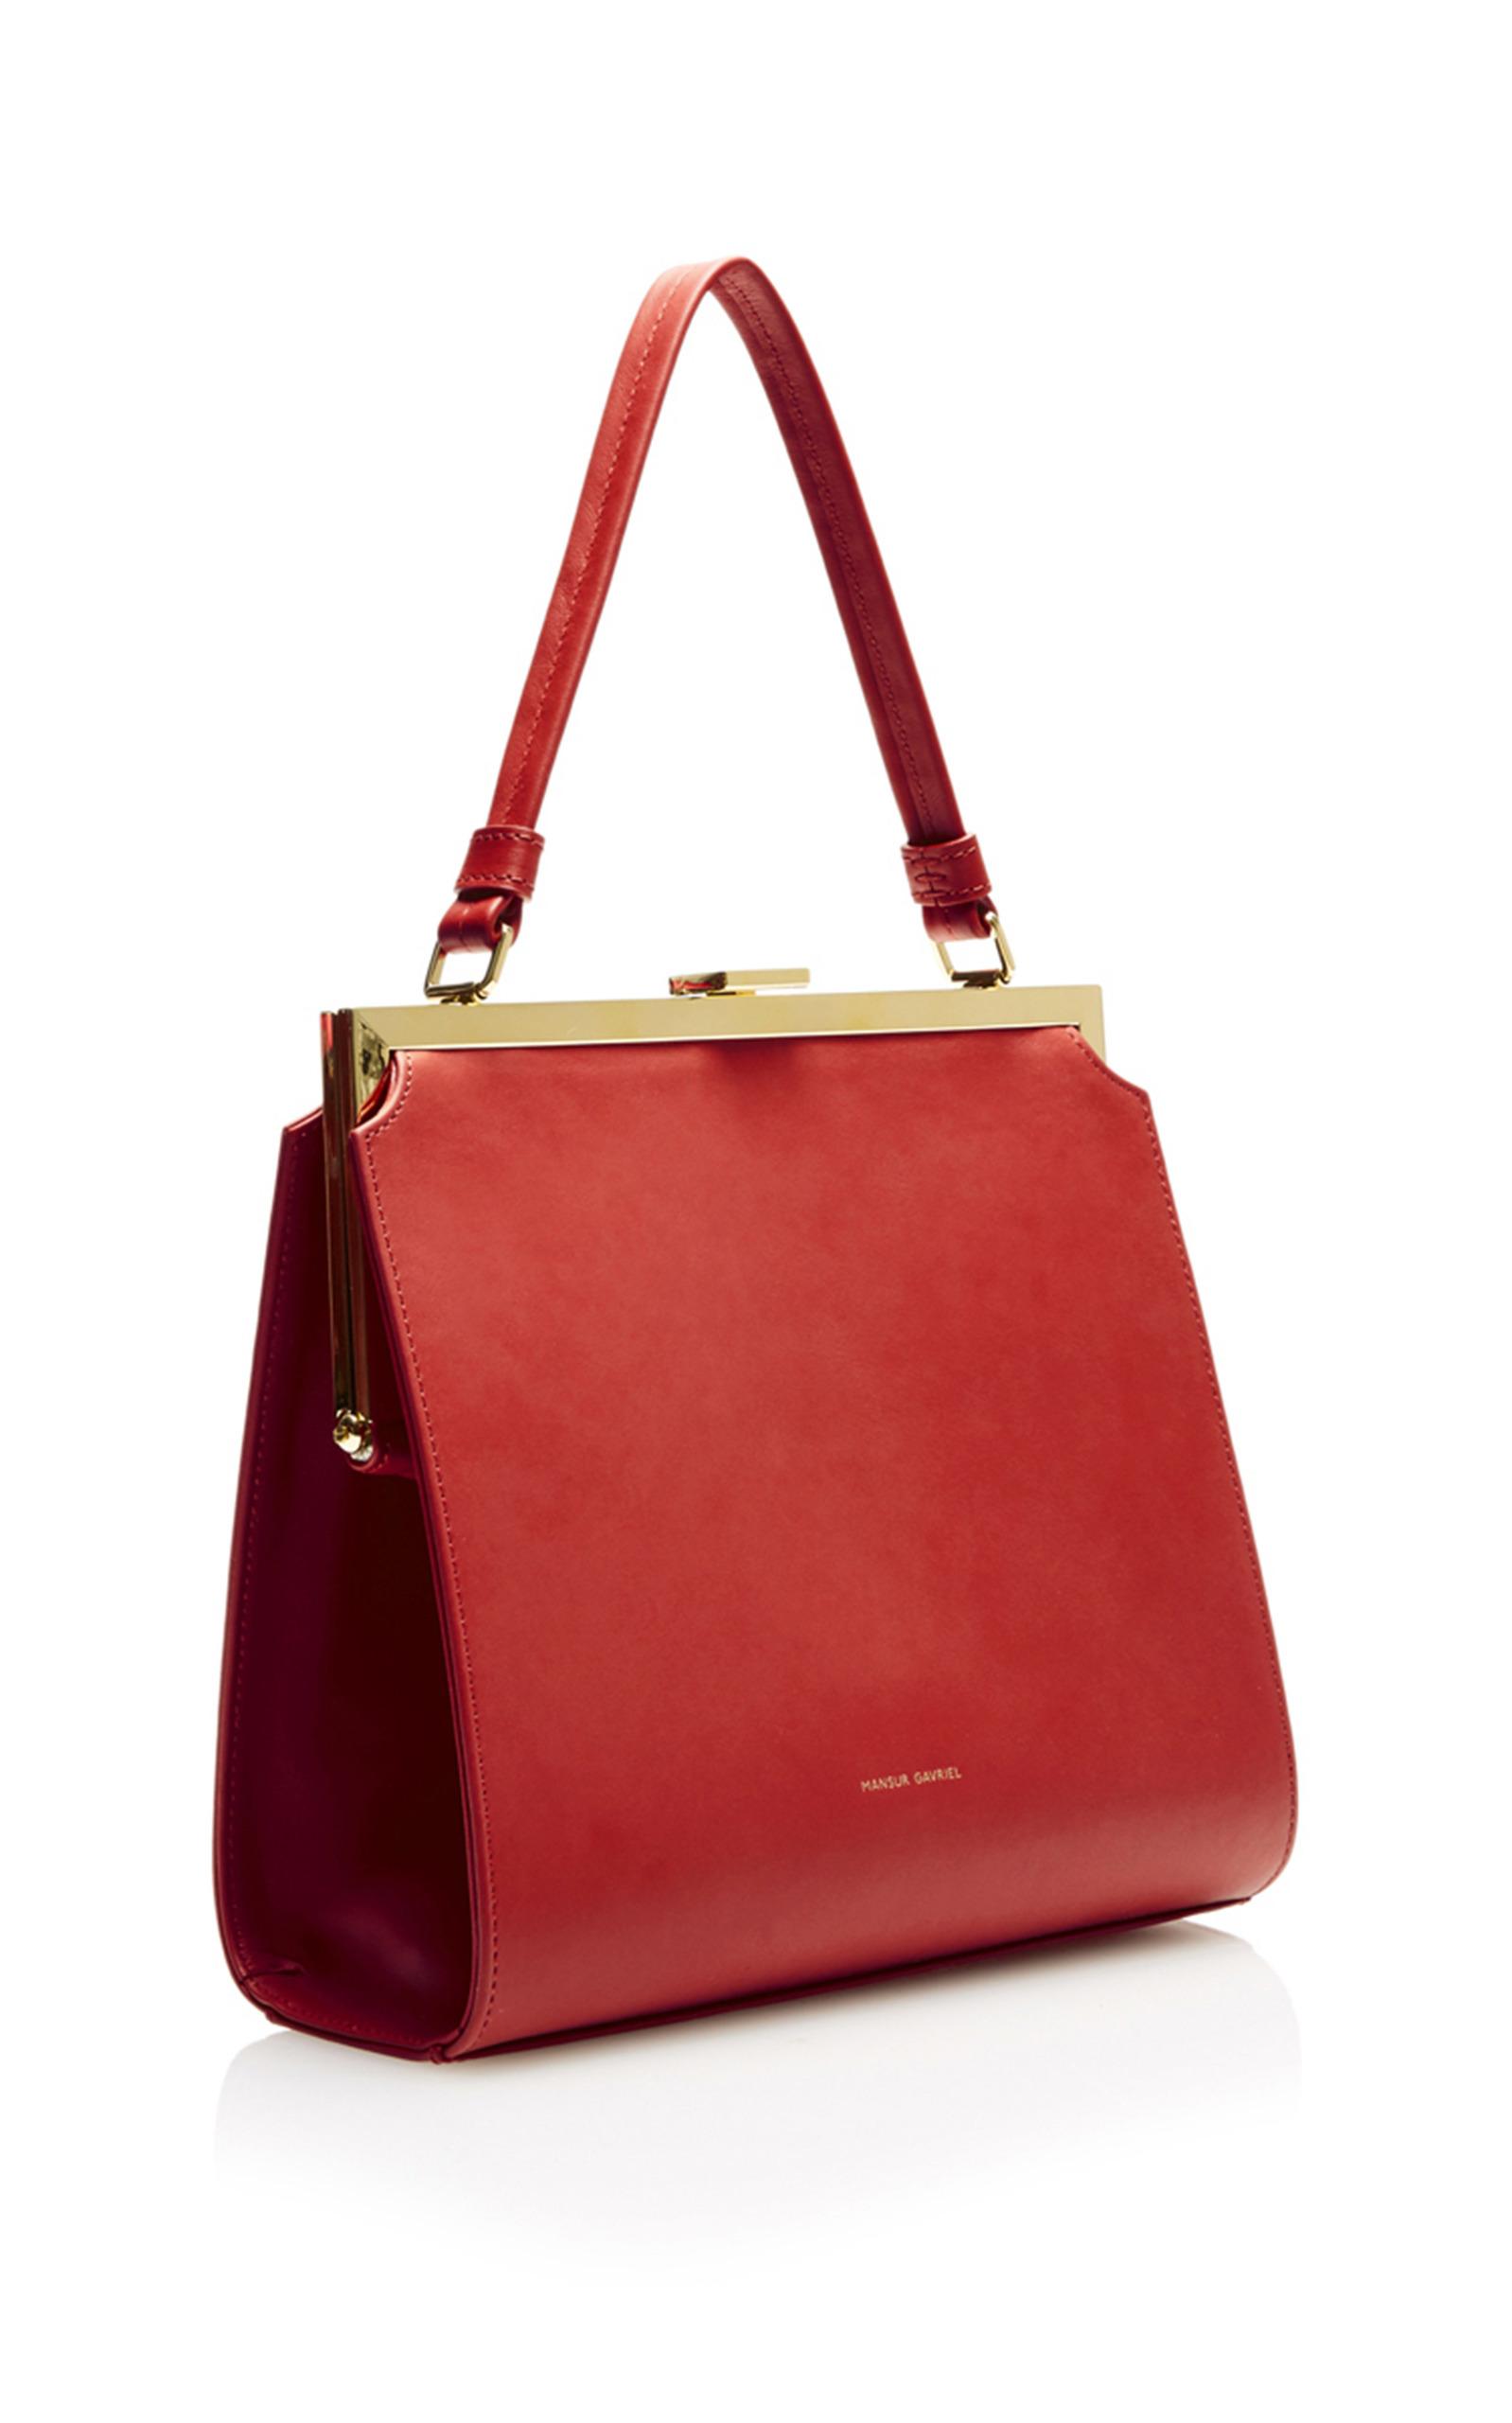 ffdf723ea1a7 Mansur GavrielElegant Bag. CLOSE. Loading. Loading